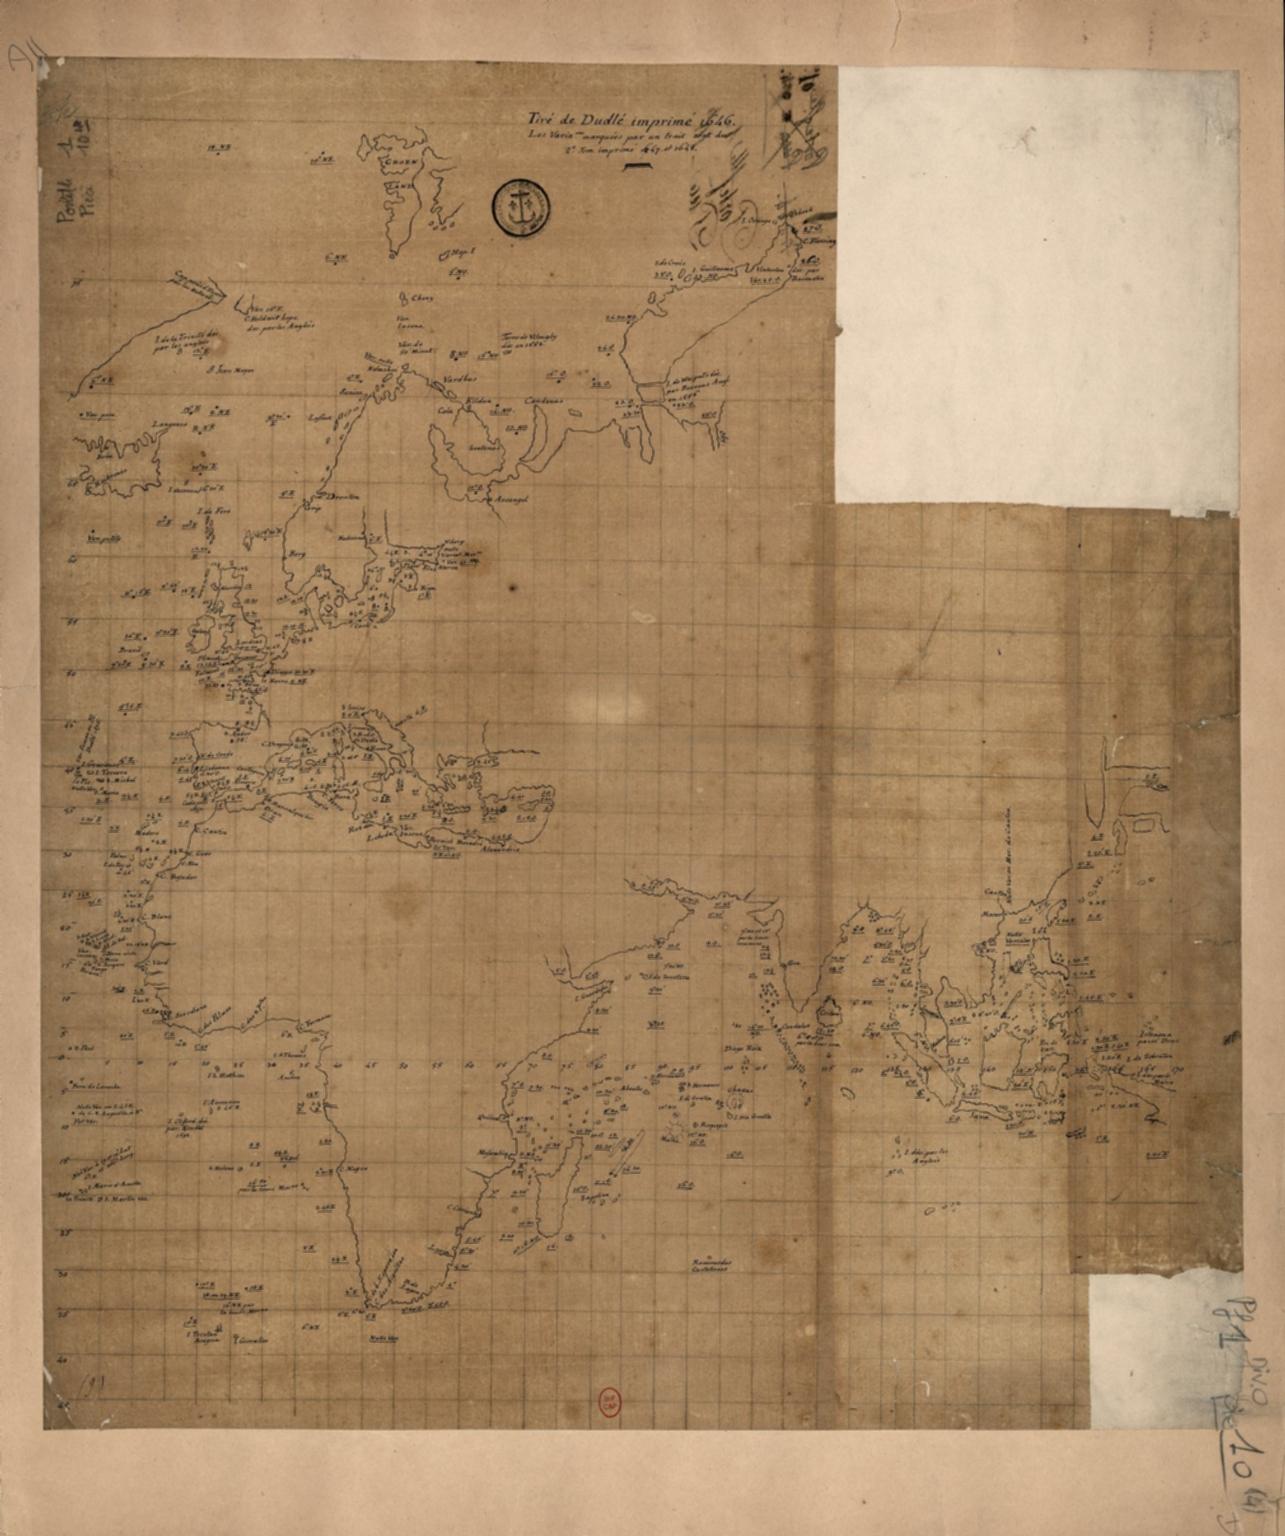 [Observations publiées en 1646-1648 par Robert Dudley, Atlantique, Méditerranée, Océan Indien, Mer de Chine]